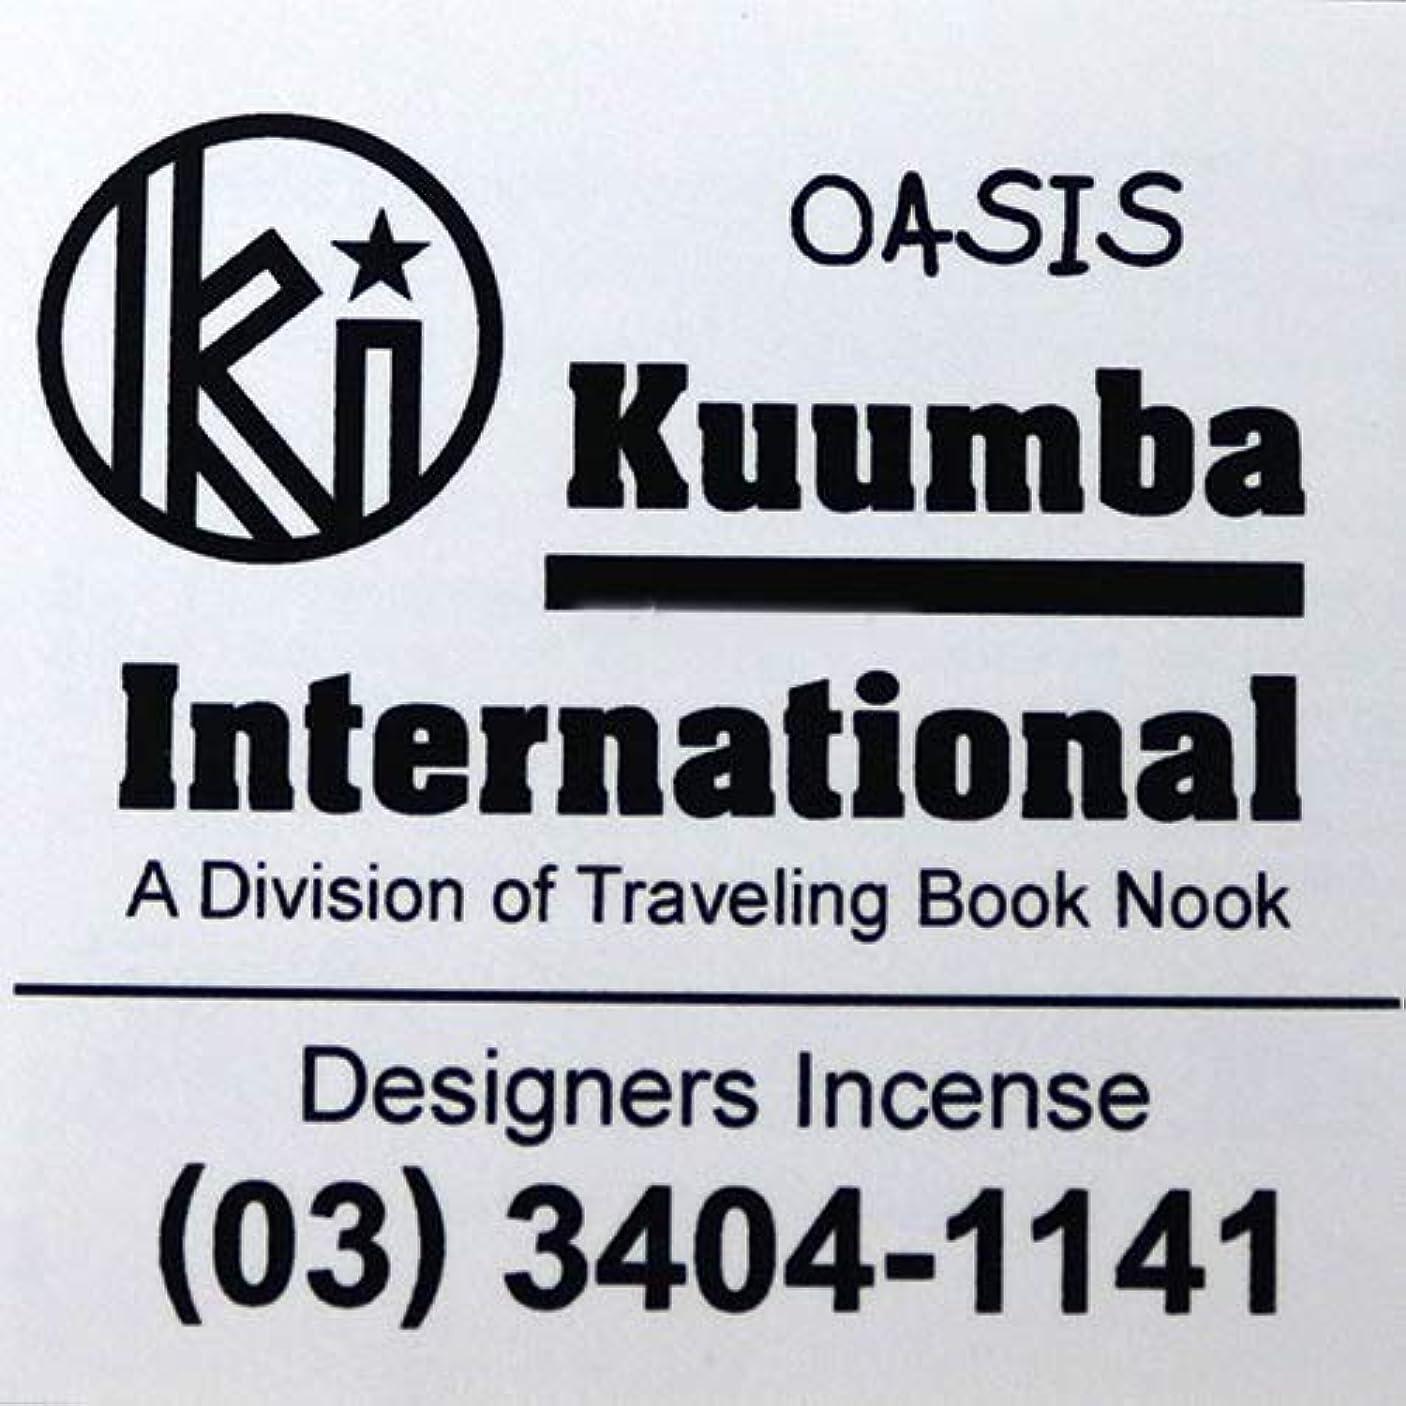 北西主人すなわち(クンバ) KUUMBA『incense』(OASIS) (OASIS, Regular size)